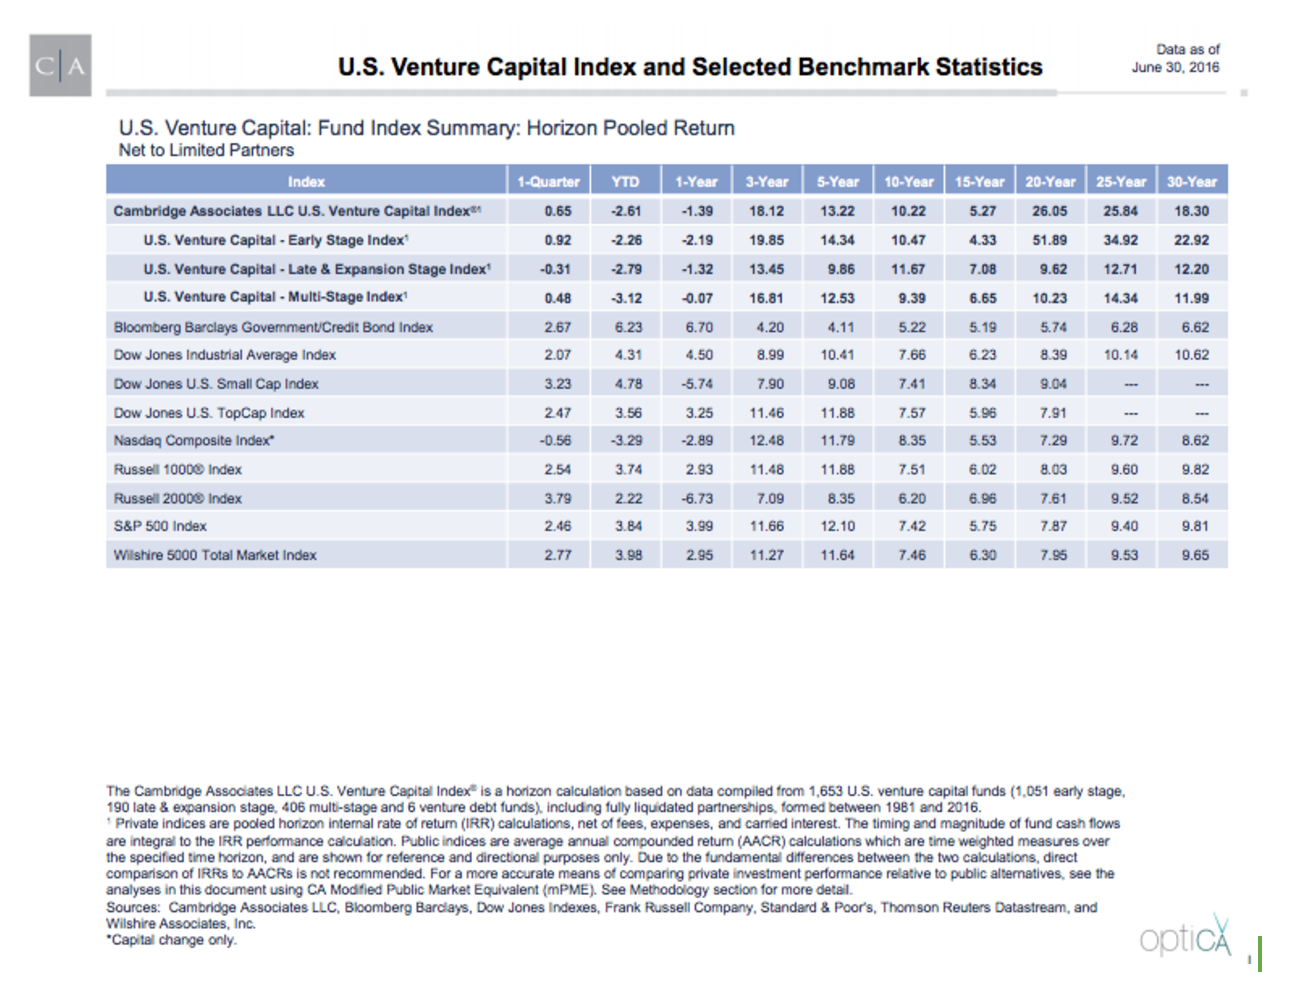 US Venture Capital Index